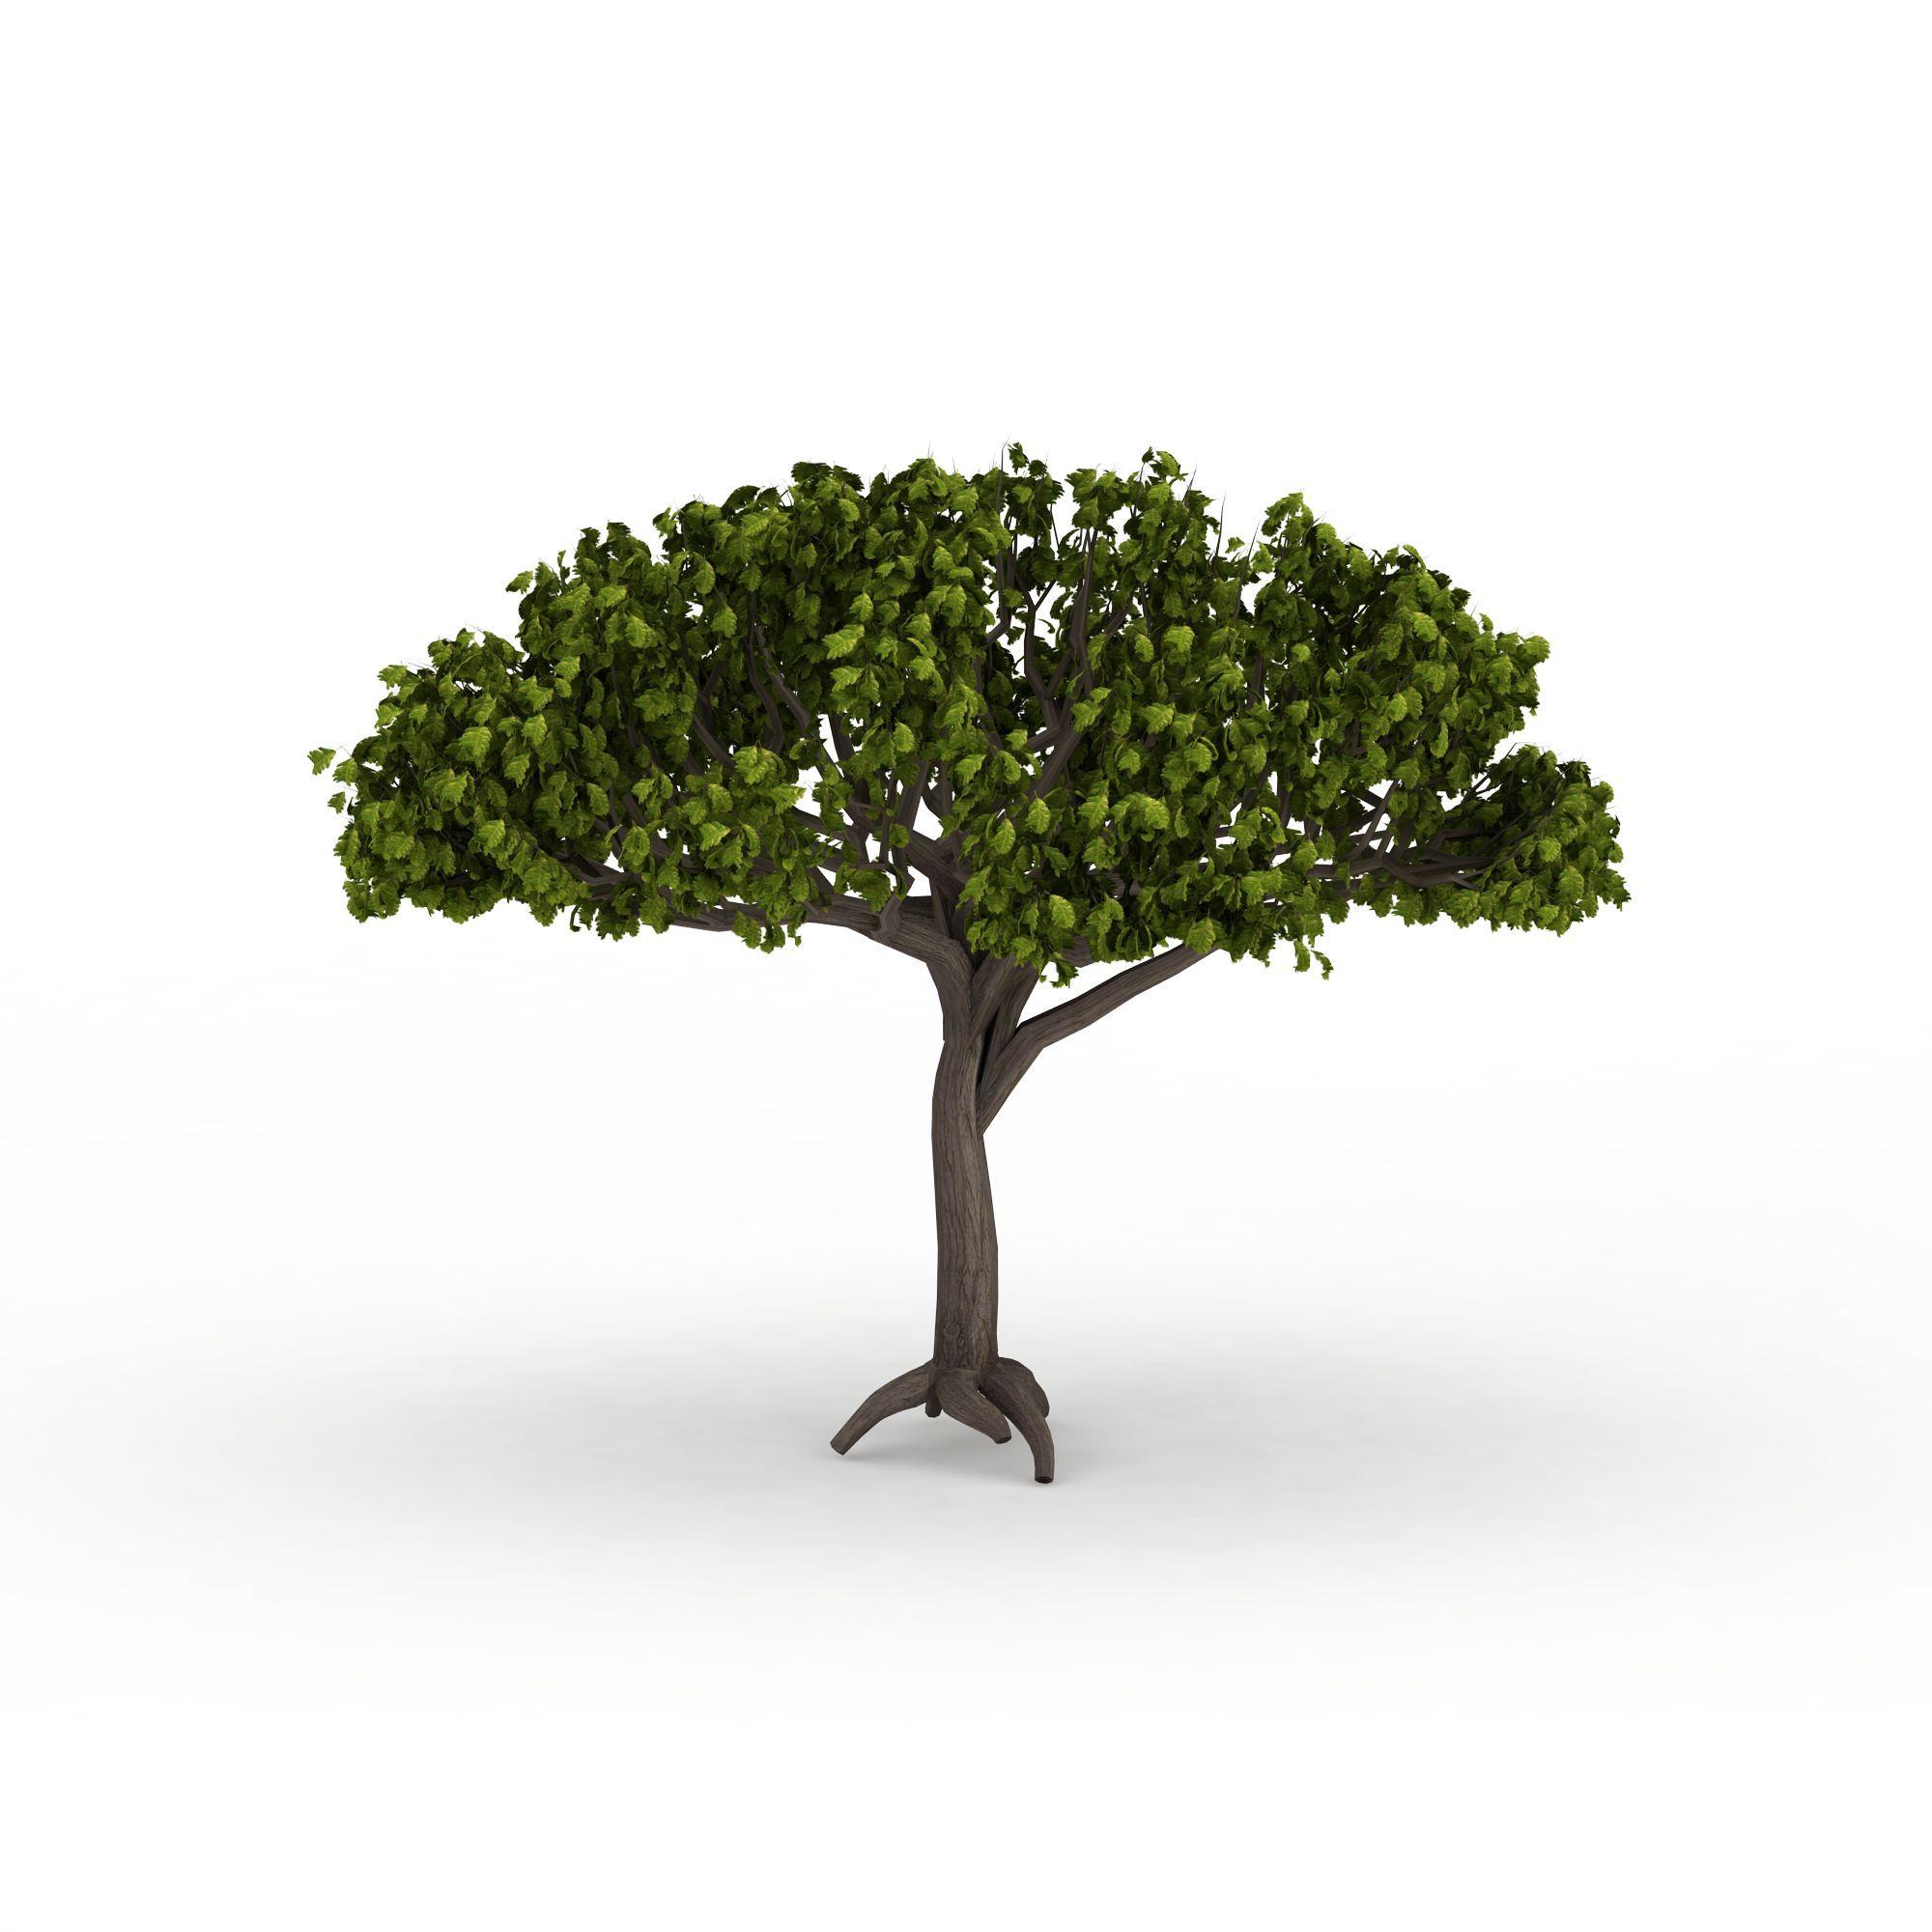 植物 树 绿色树木3d模型 绿色树木png高清图  绿色树木高清图详情